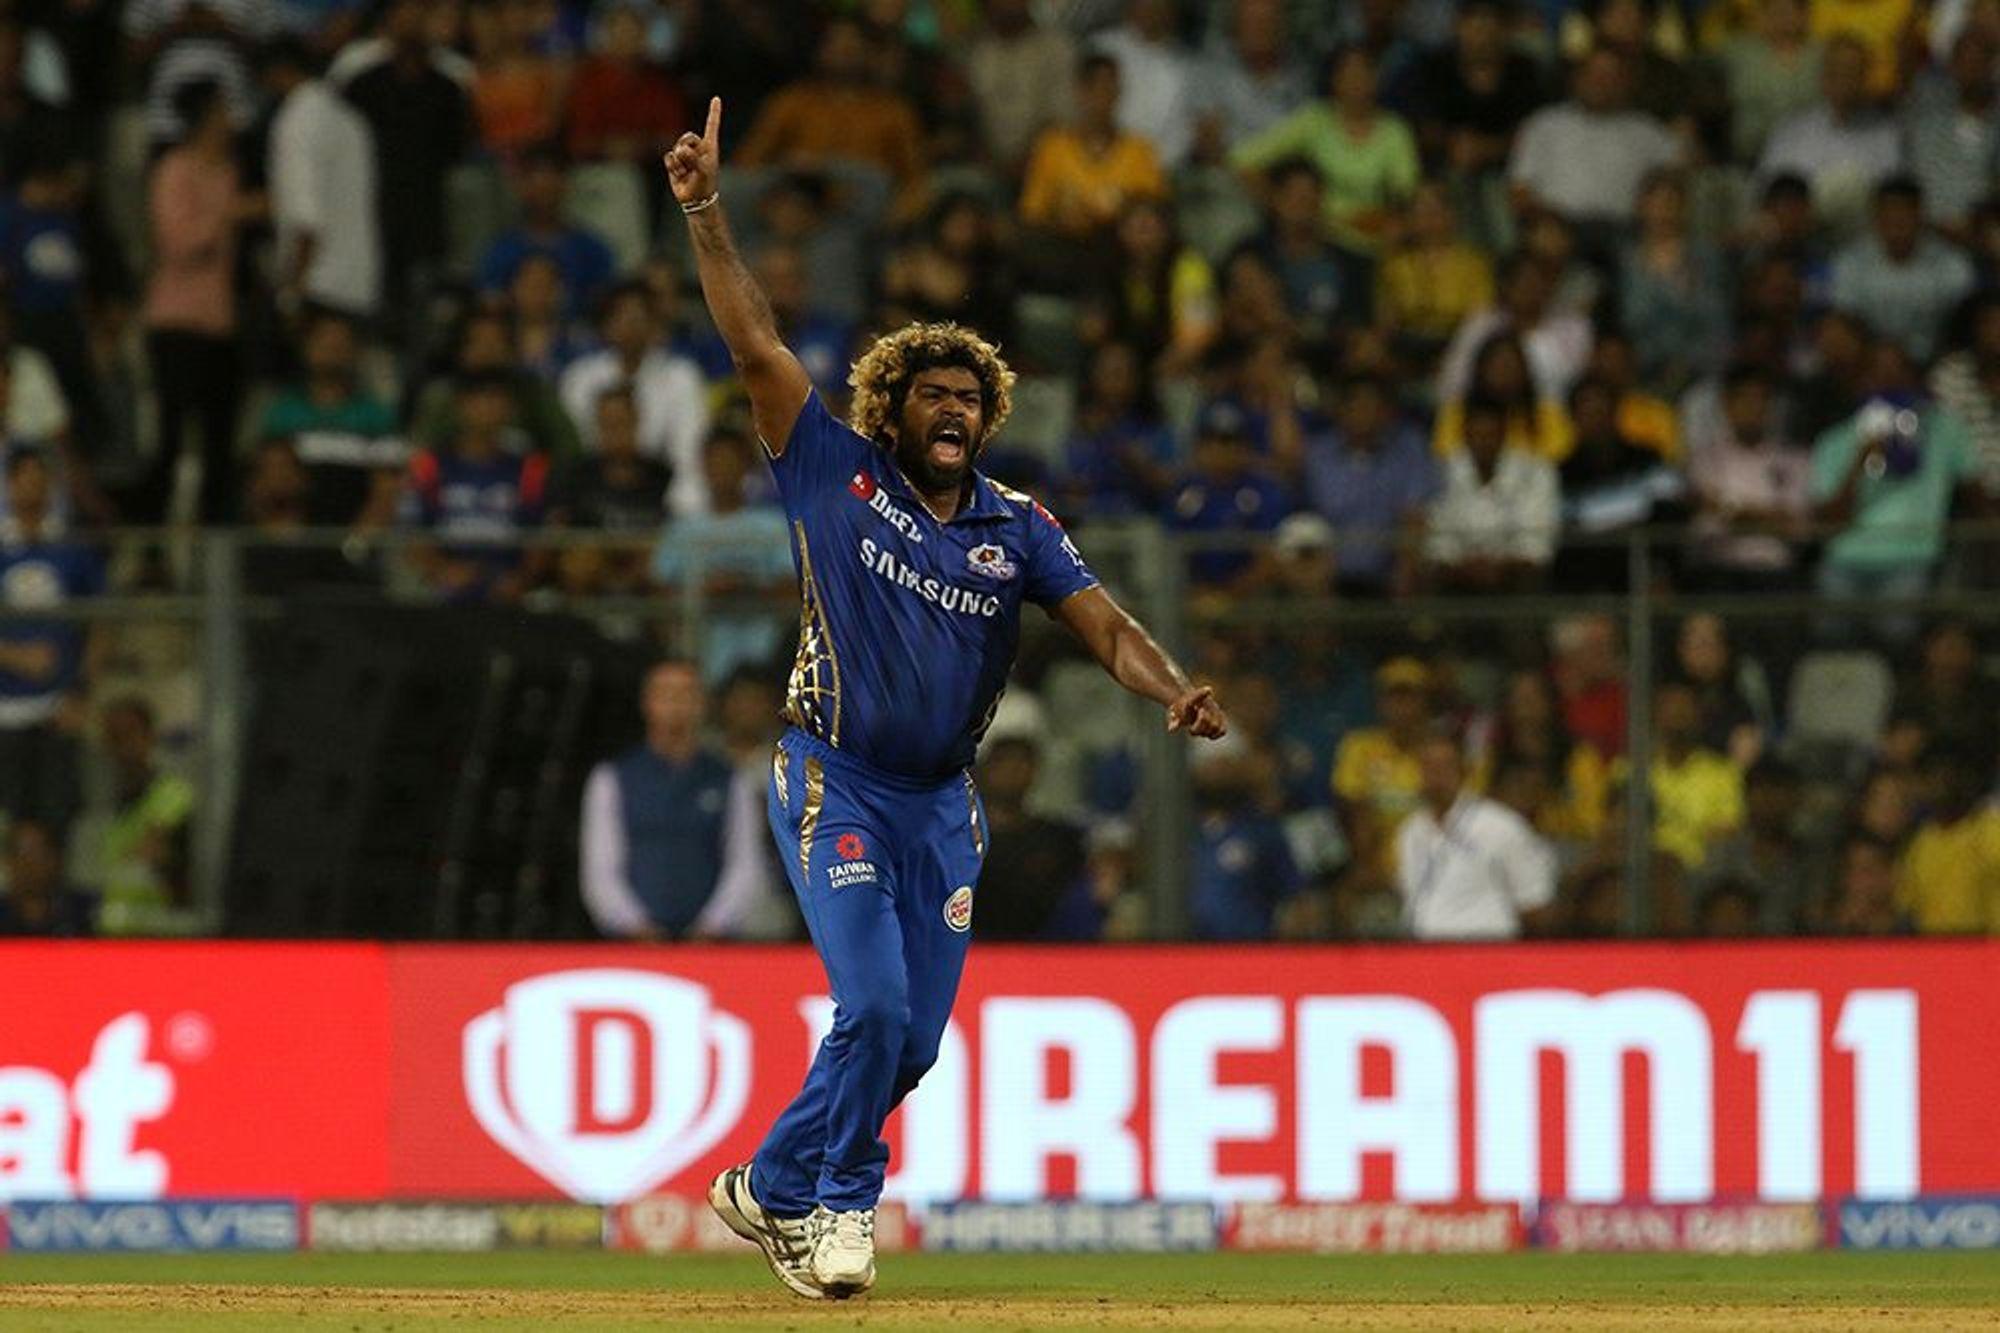 इंग्लंडमध्ये होत असलेल्या वर्ल्ड कपच्या दृष्टीने श्रीलंका क्रिकेट मंडळाने 4 ते 11 एप्रिल या कालावधीत होणाऱ्या स्थानिक क्रिकेट स्पर्धेत खेळाडूंना सहभागी होण्याची सक्ती केली आहे. त्यानुसार मलिंगा सध्या स्थानिक सामन्यांमध्ये सहभागी झाला आहे. पण आश्चर्याची गोष्ट म्हणजे 24 तासांच्या कालावधीत मलिंगानं टी-20 आणि एकदिवसीय सामने खेळले. एवढच नाही तर, या दोन्ही सामन्यात त्यानं एकूण 10 विकेट घेण्याचा पराक्रम केला आहे.